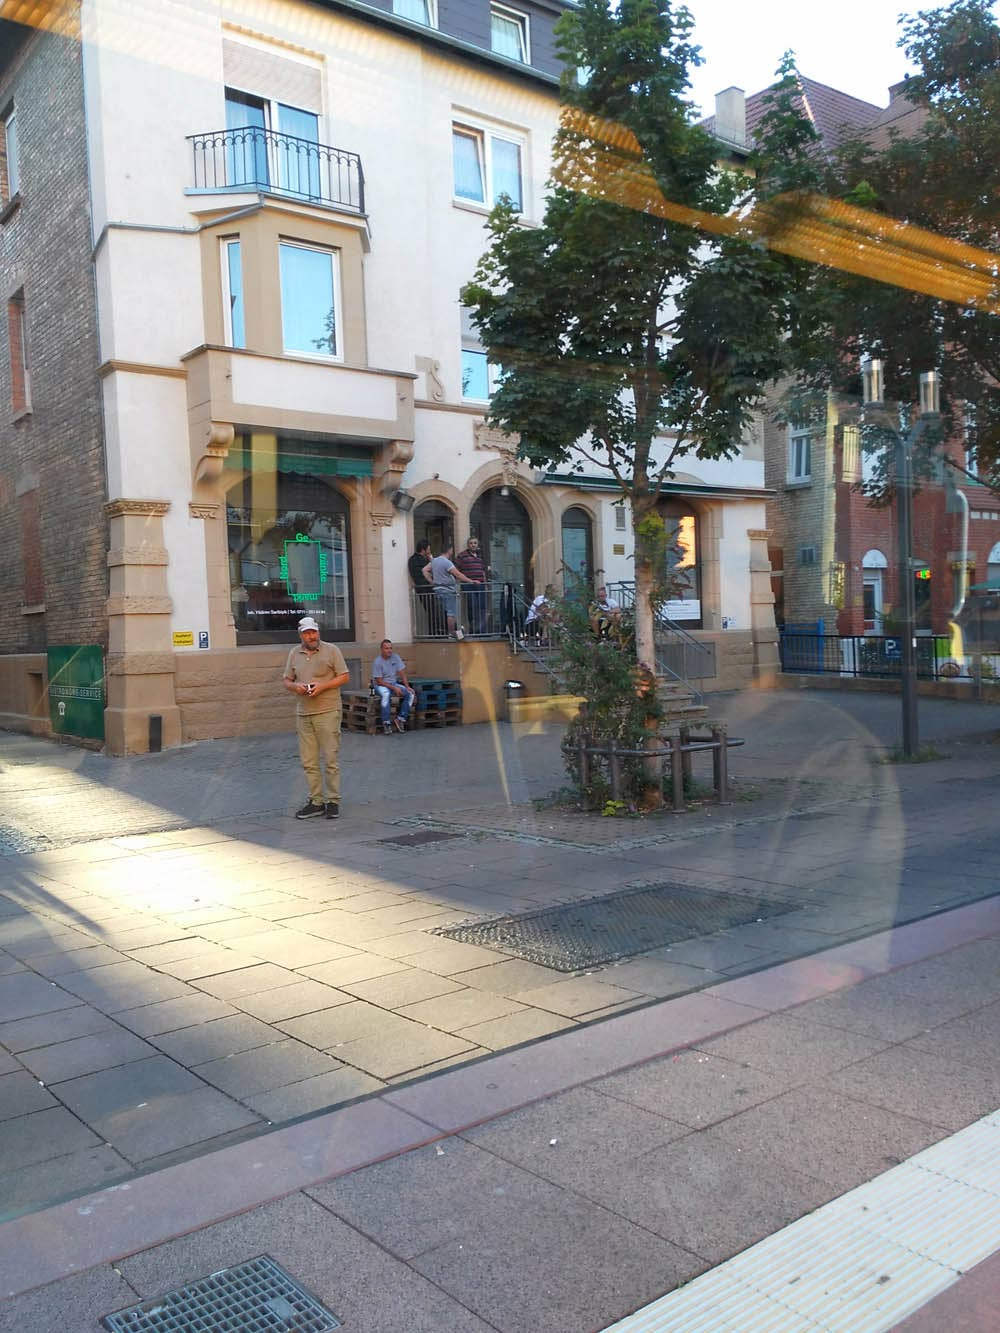 Zurück in die Stadt durch die Nordbahnhofstraße, durch die ich sehr gerne jogge. Jetzt auch mit Palettenmöbel.